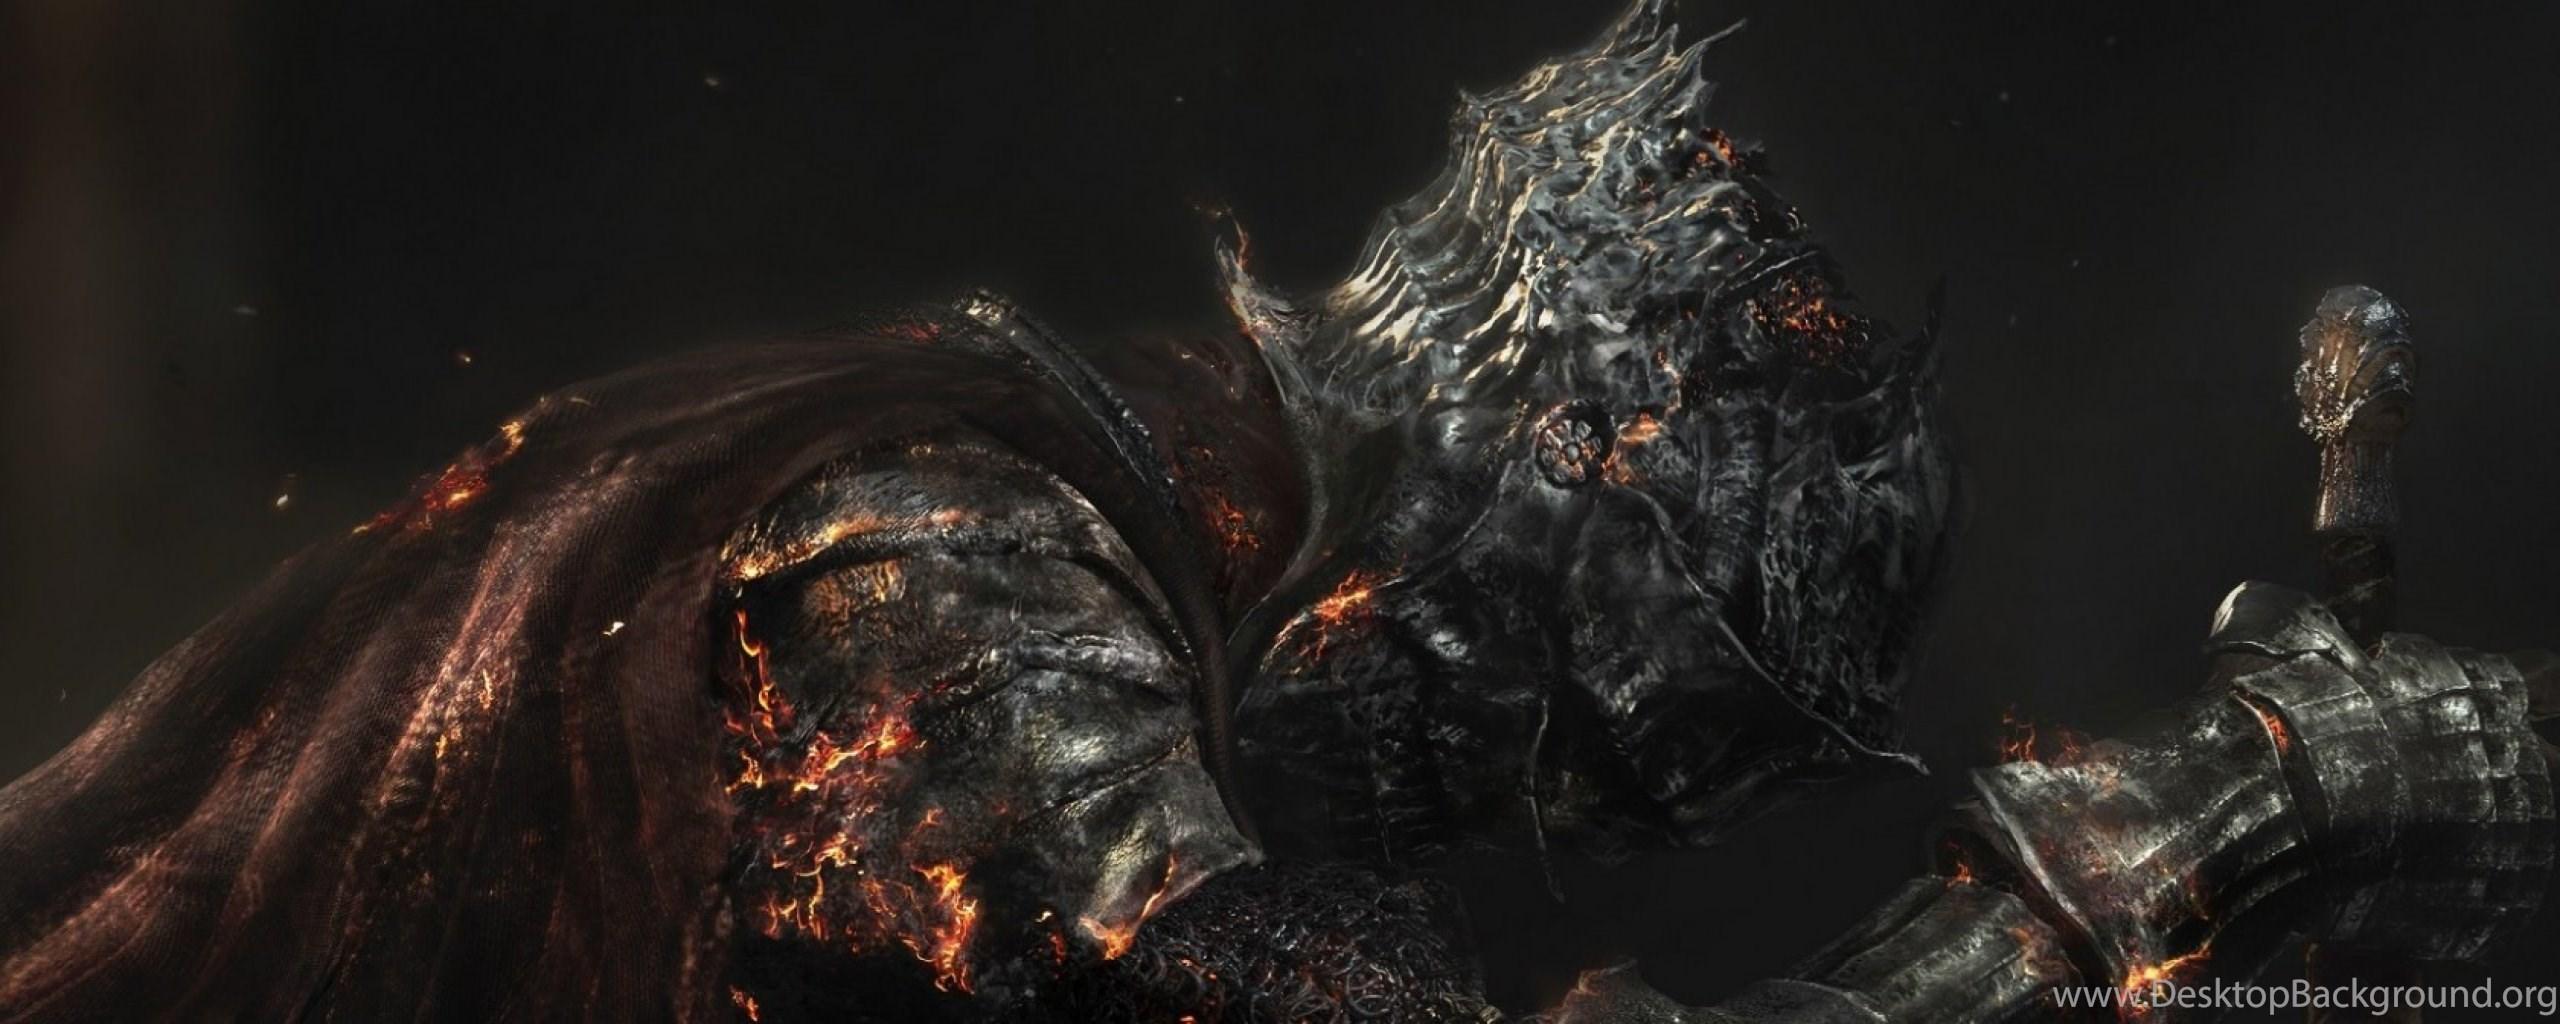 Download Wallpapers 2560x1024 Dark Souls 3 Dark Souls Iii Armor